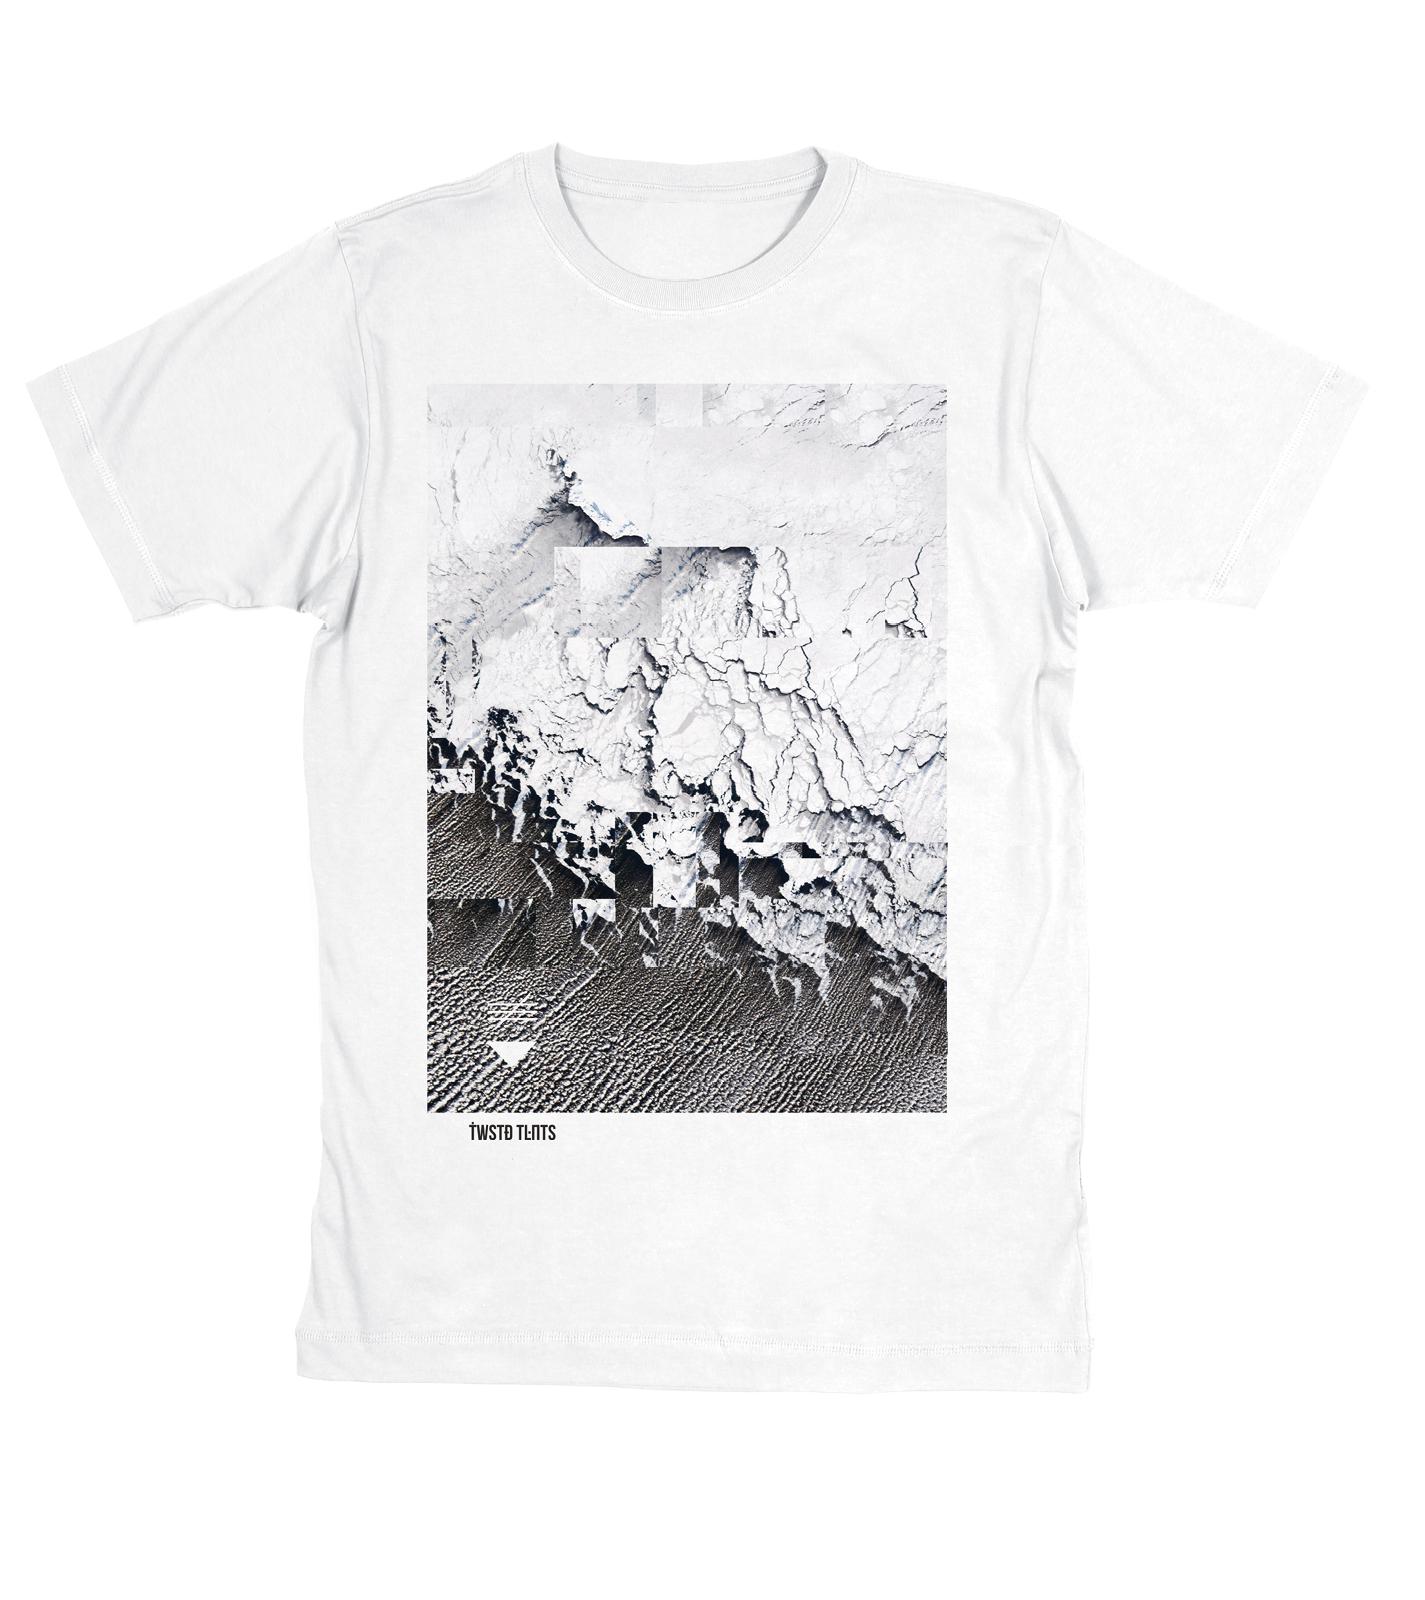 TWISTED TALENTS Graphic Design T-Shirts einfach online kaufen. CRÄCK